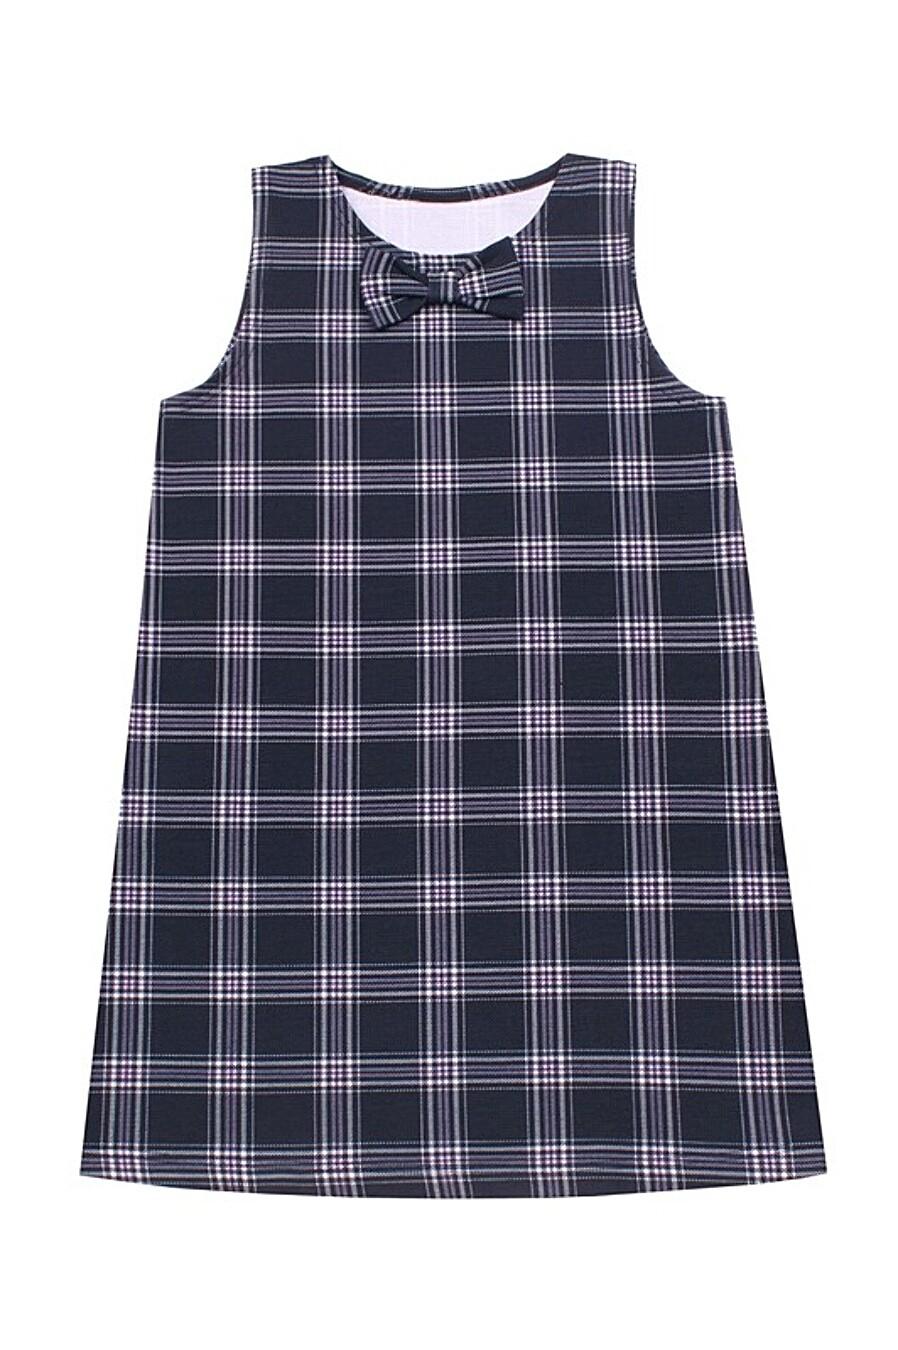 Сарафан для девочек АПРЕЛЬ 700630 купить оптом от производителя. Совместная покупка детской одежды в OptMoyo